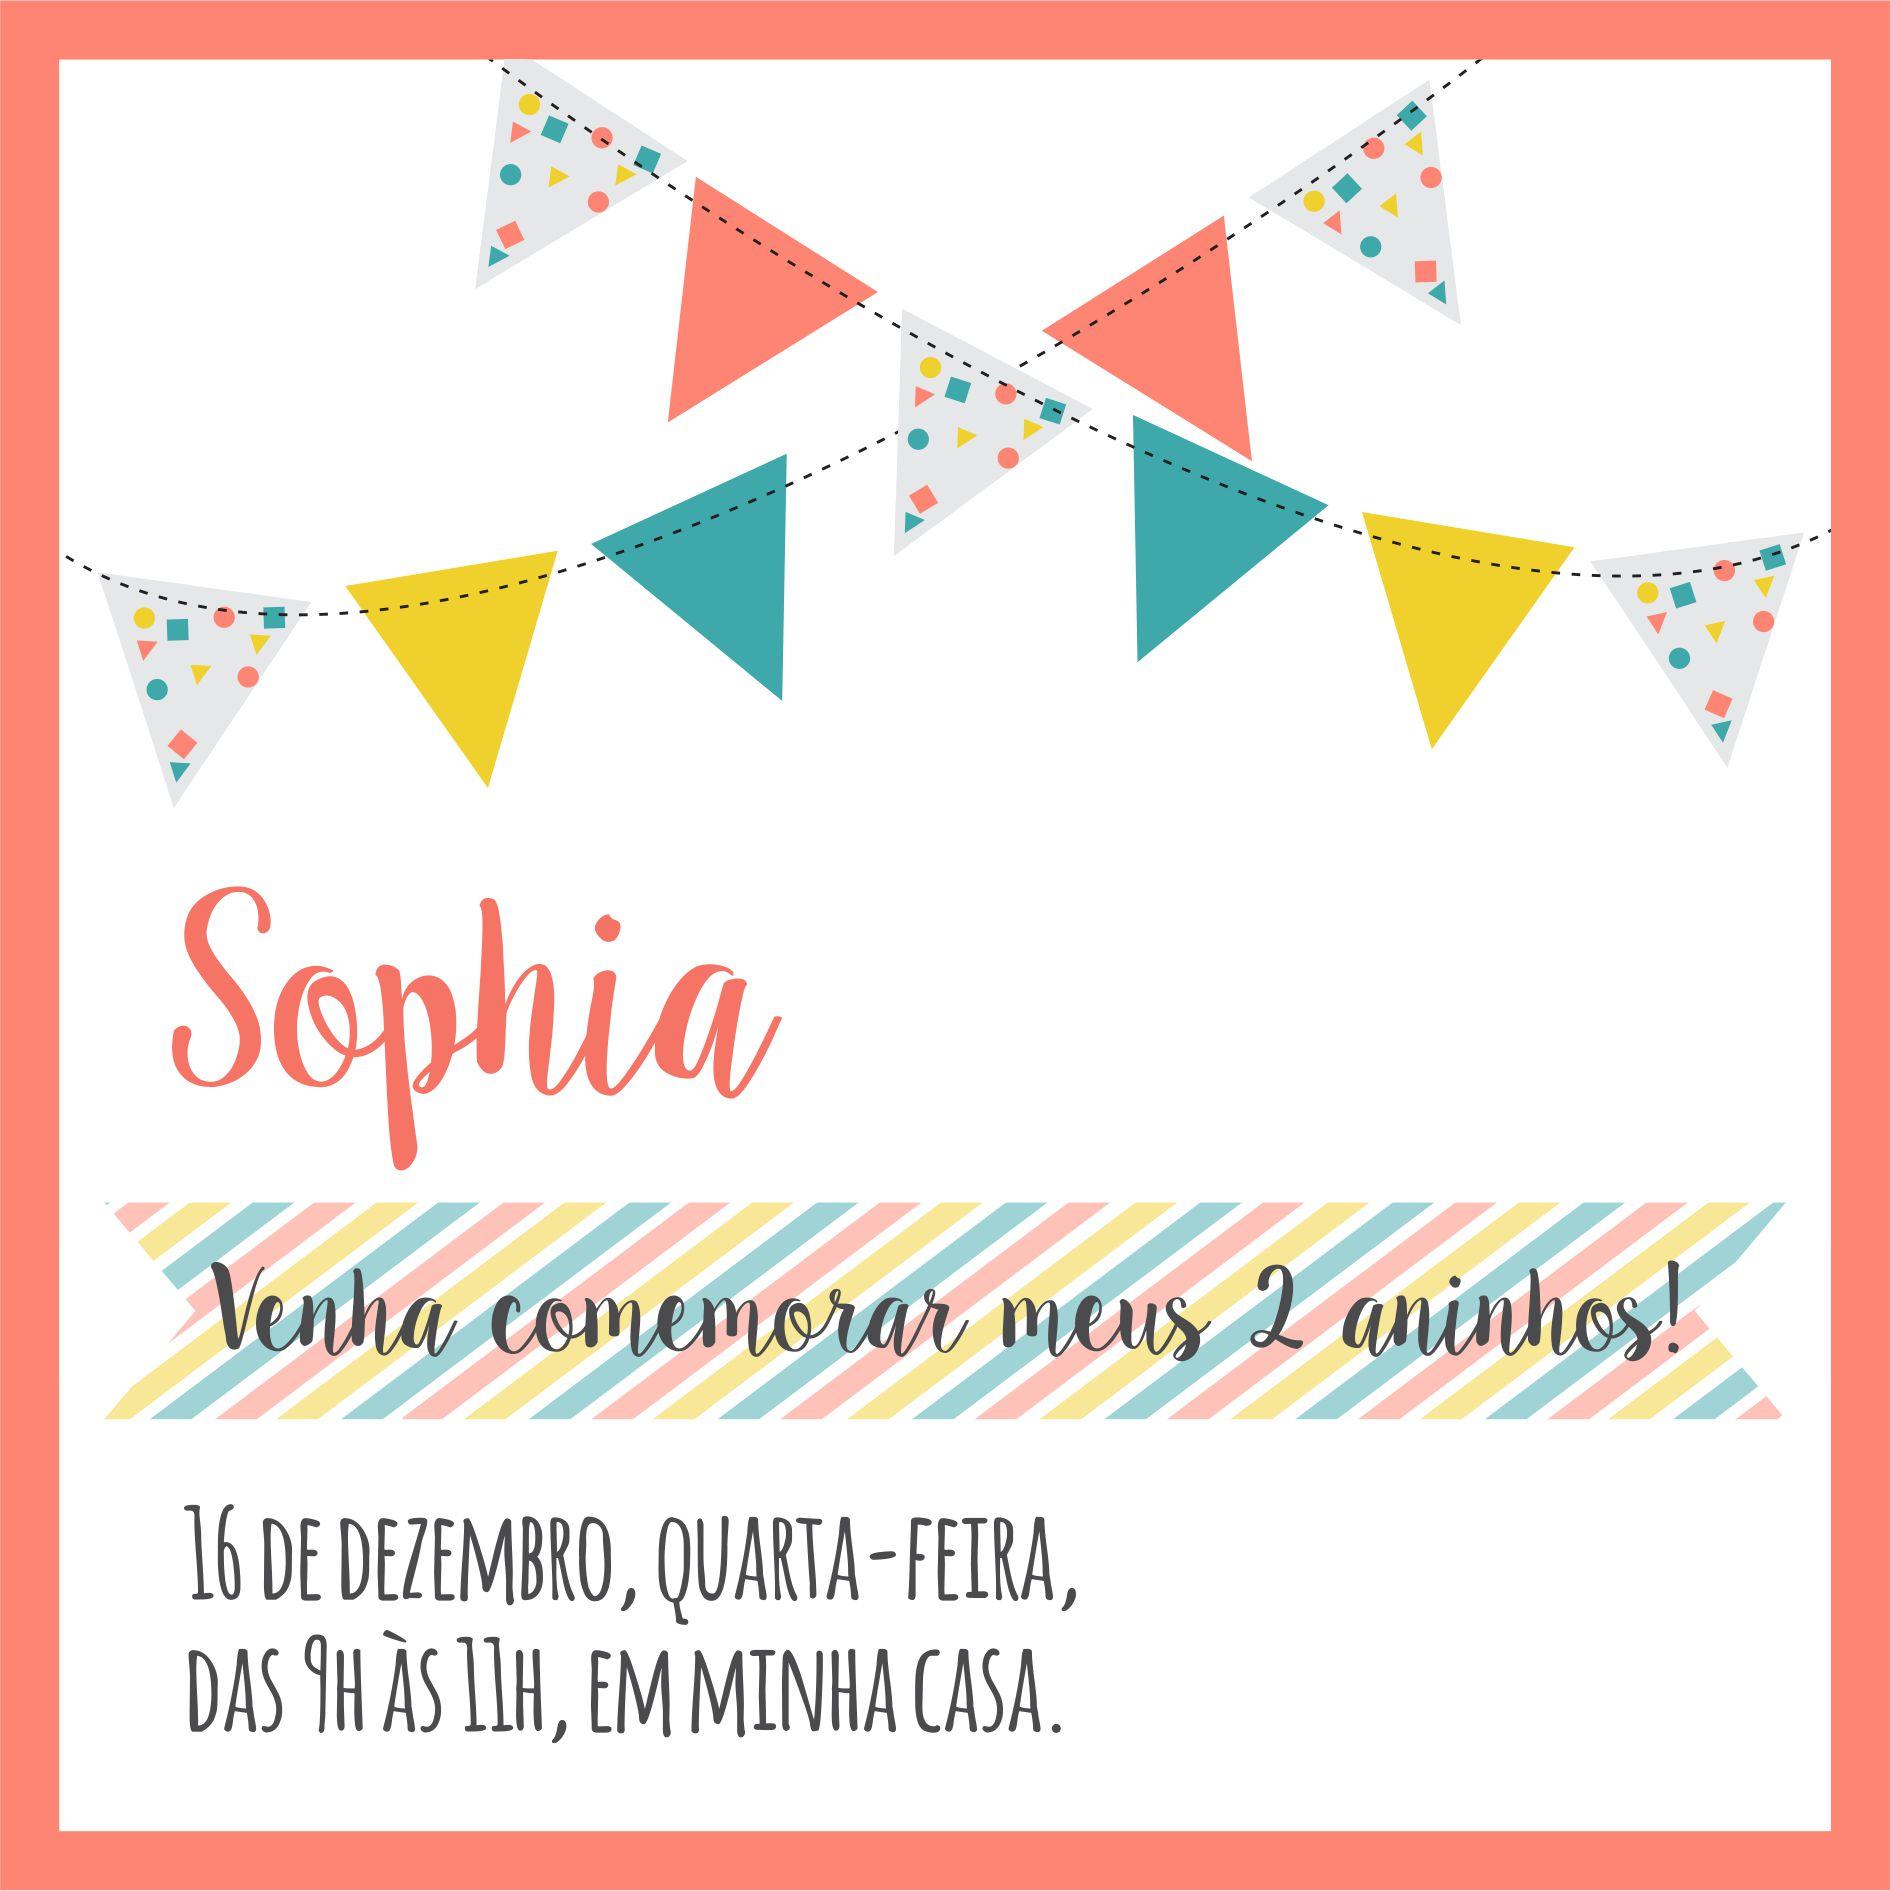 LIGINHA_Sophia 2 anos_casa.jpg